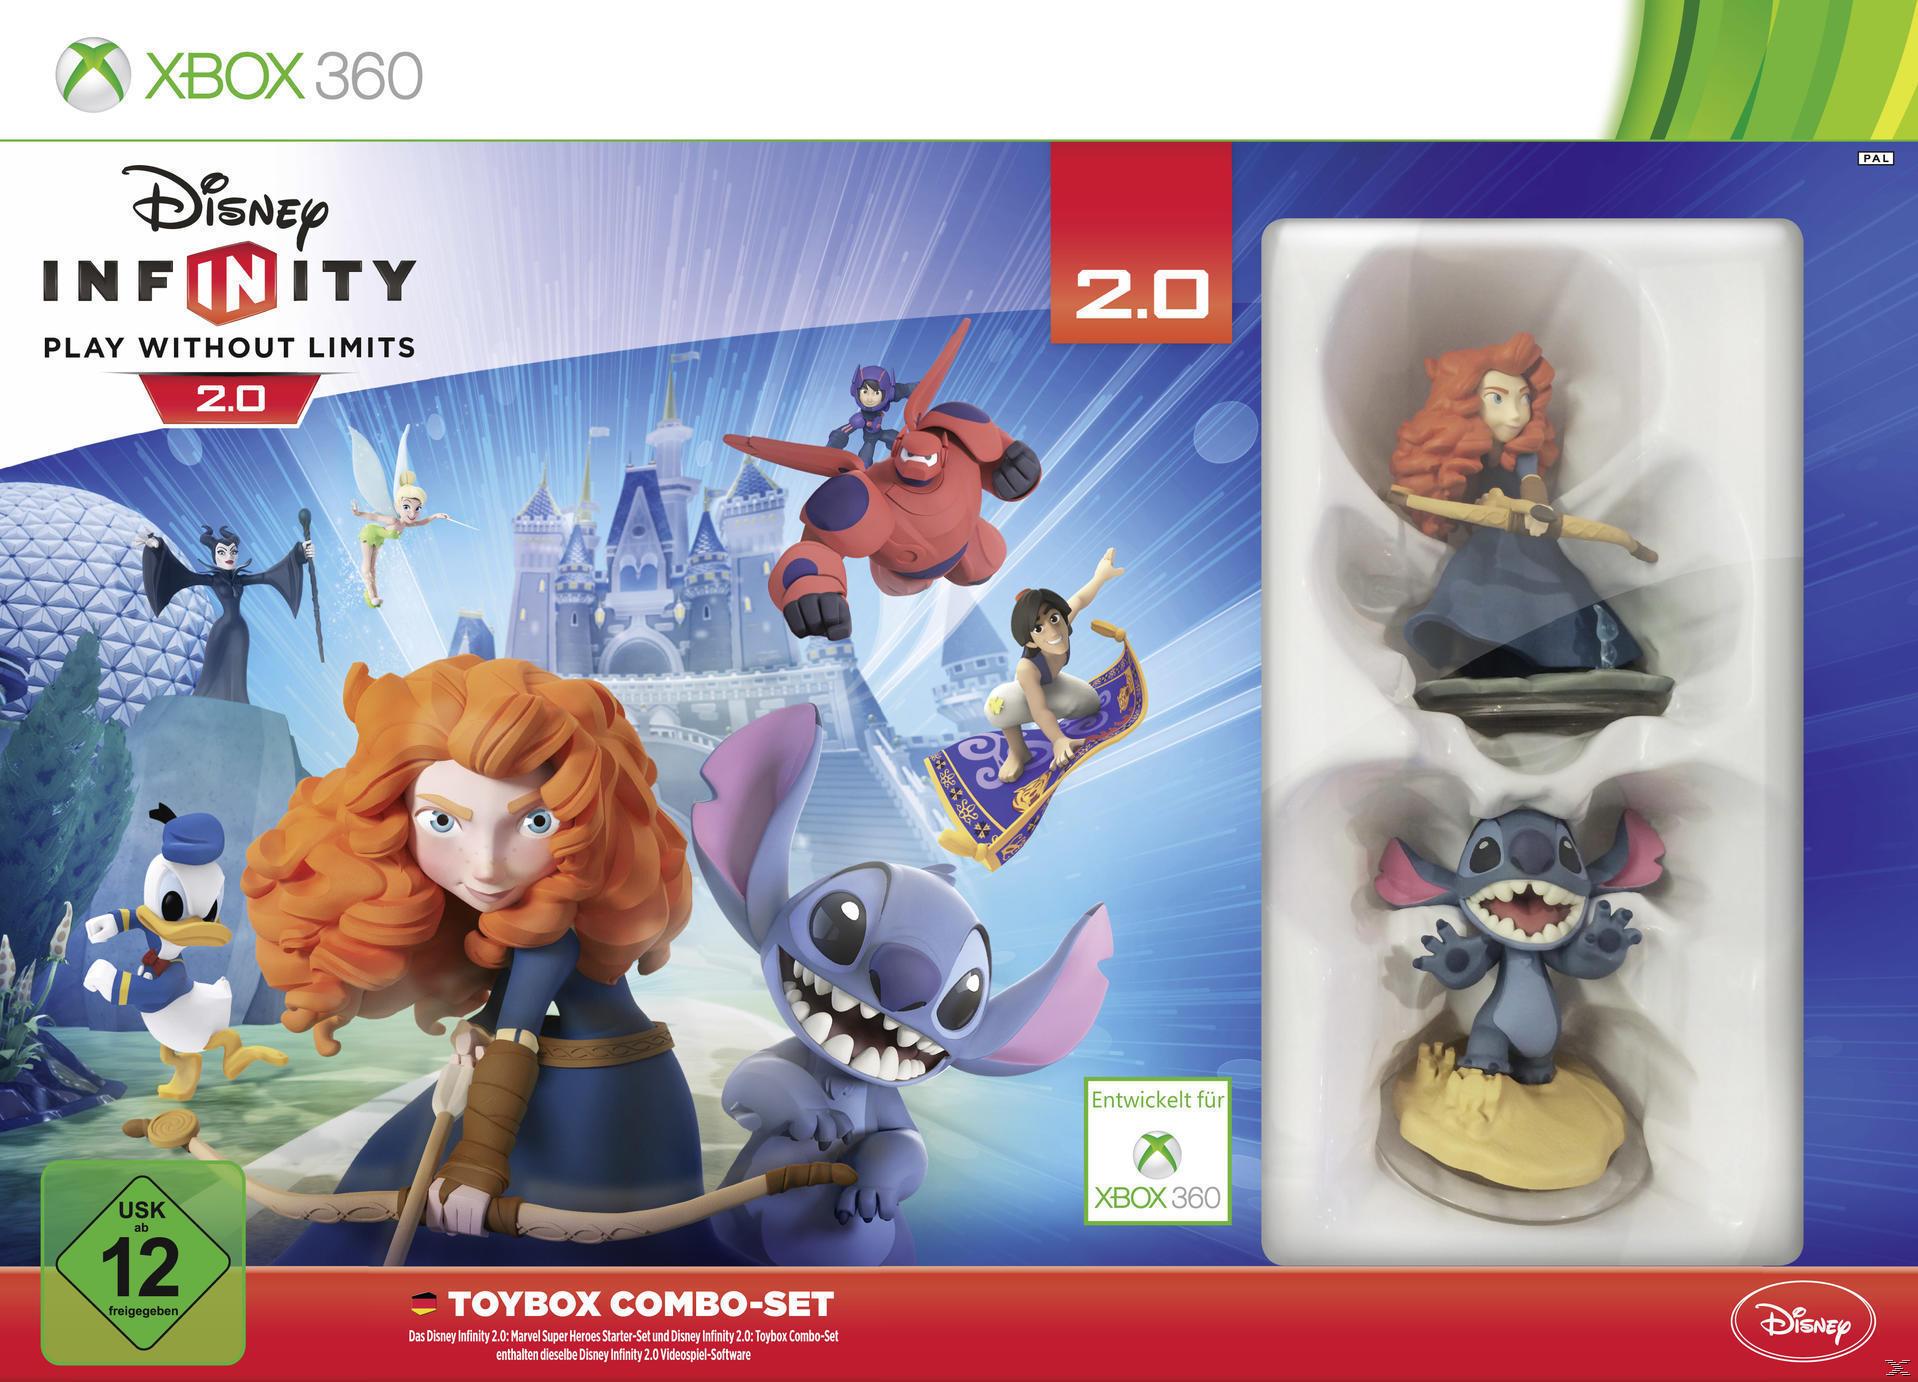 Disney Infinity 2.0: Toybox Combo-Set (XBox 360) für 5,00 Euro